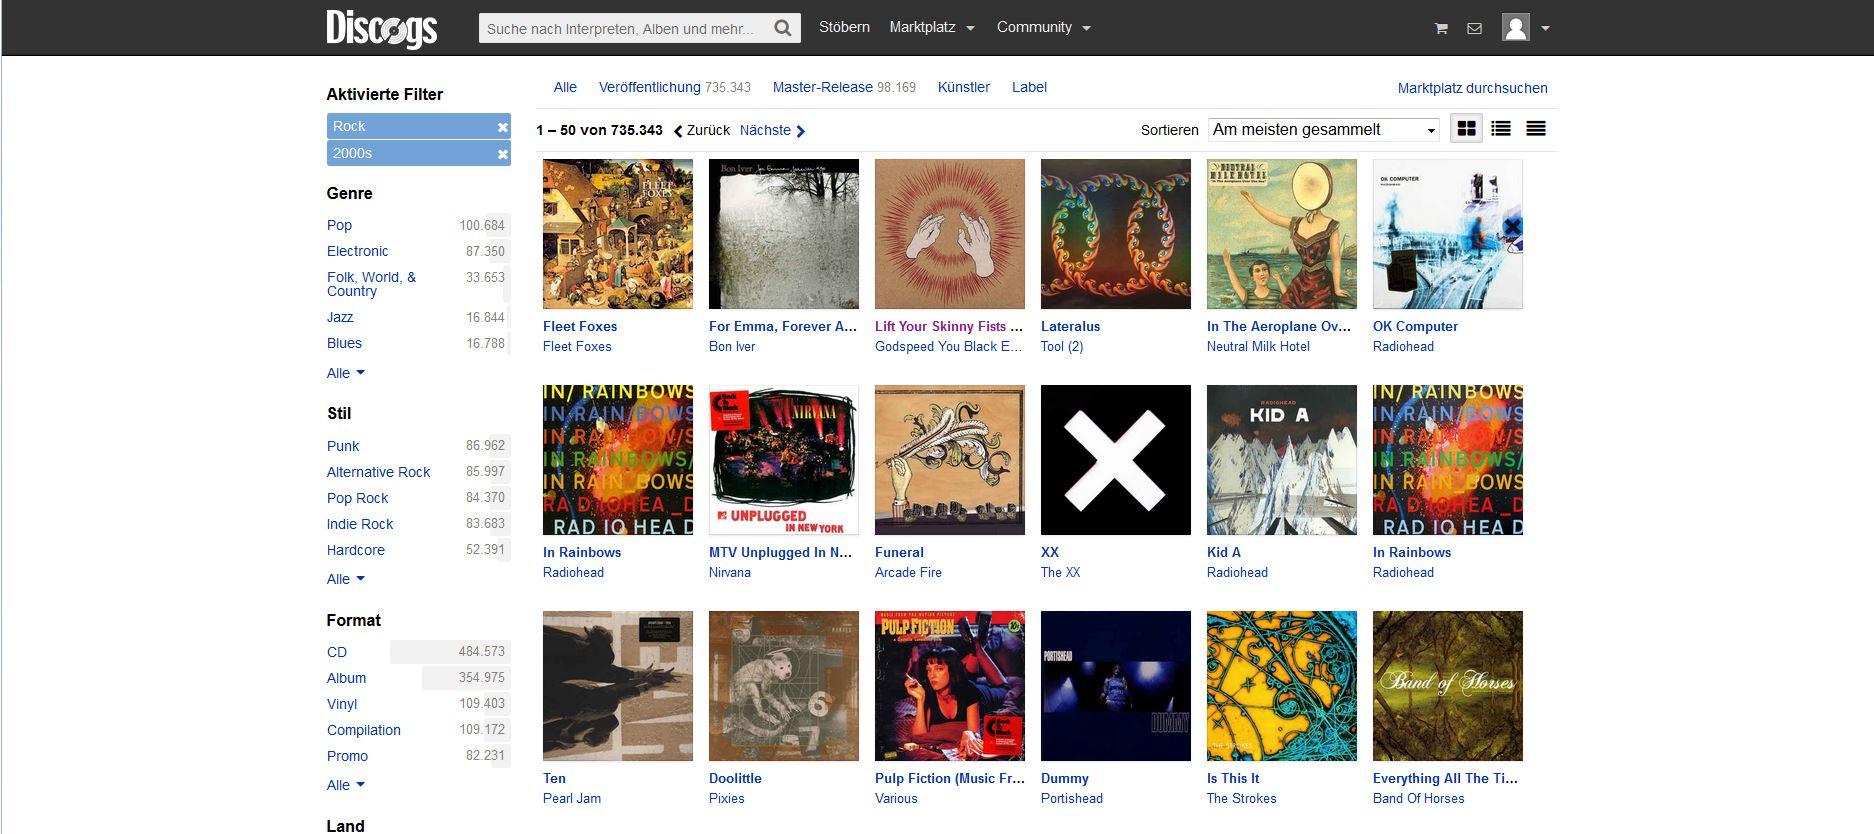 Der Screenshot zeigt die Stöbern-Rubrik von Discogs. In der Stöbern-Rubrik lässt sich neue Musik suchen.